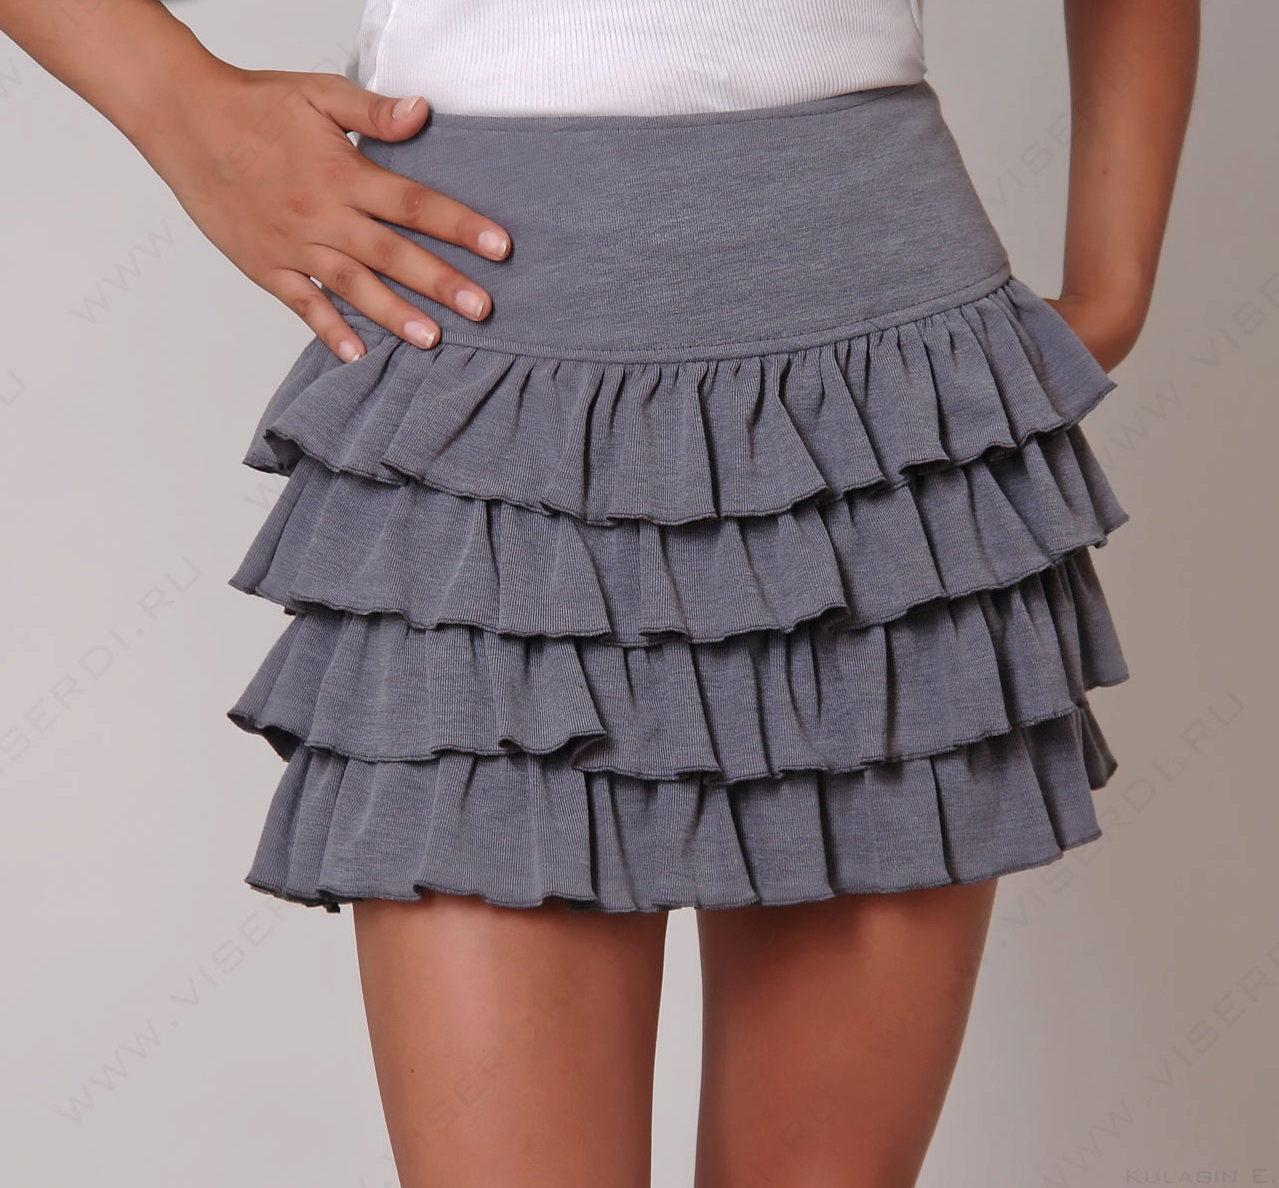 Выкройку юбки с тремя воланами 18